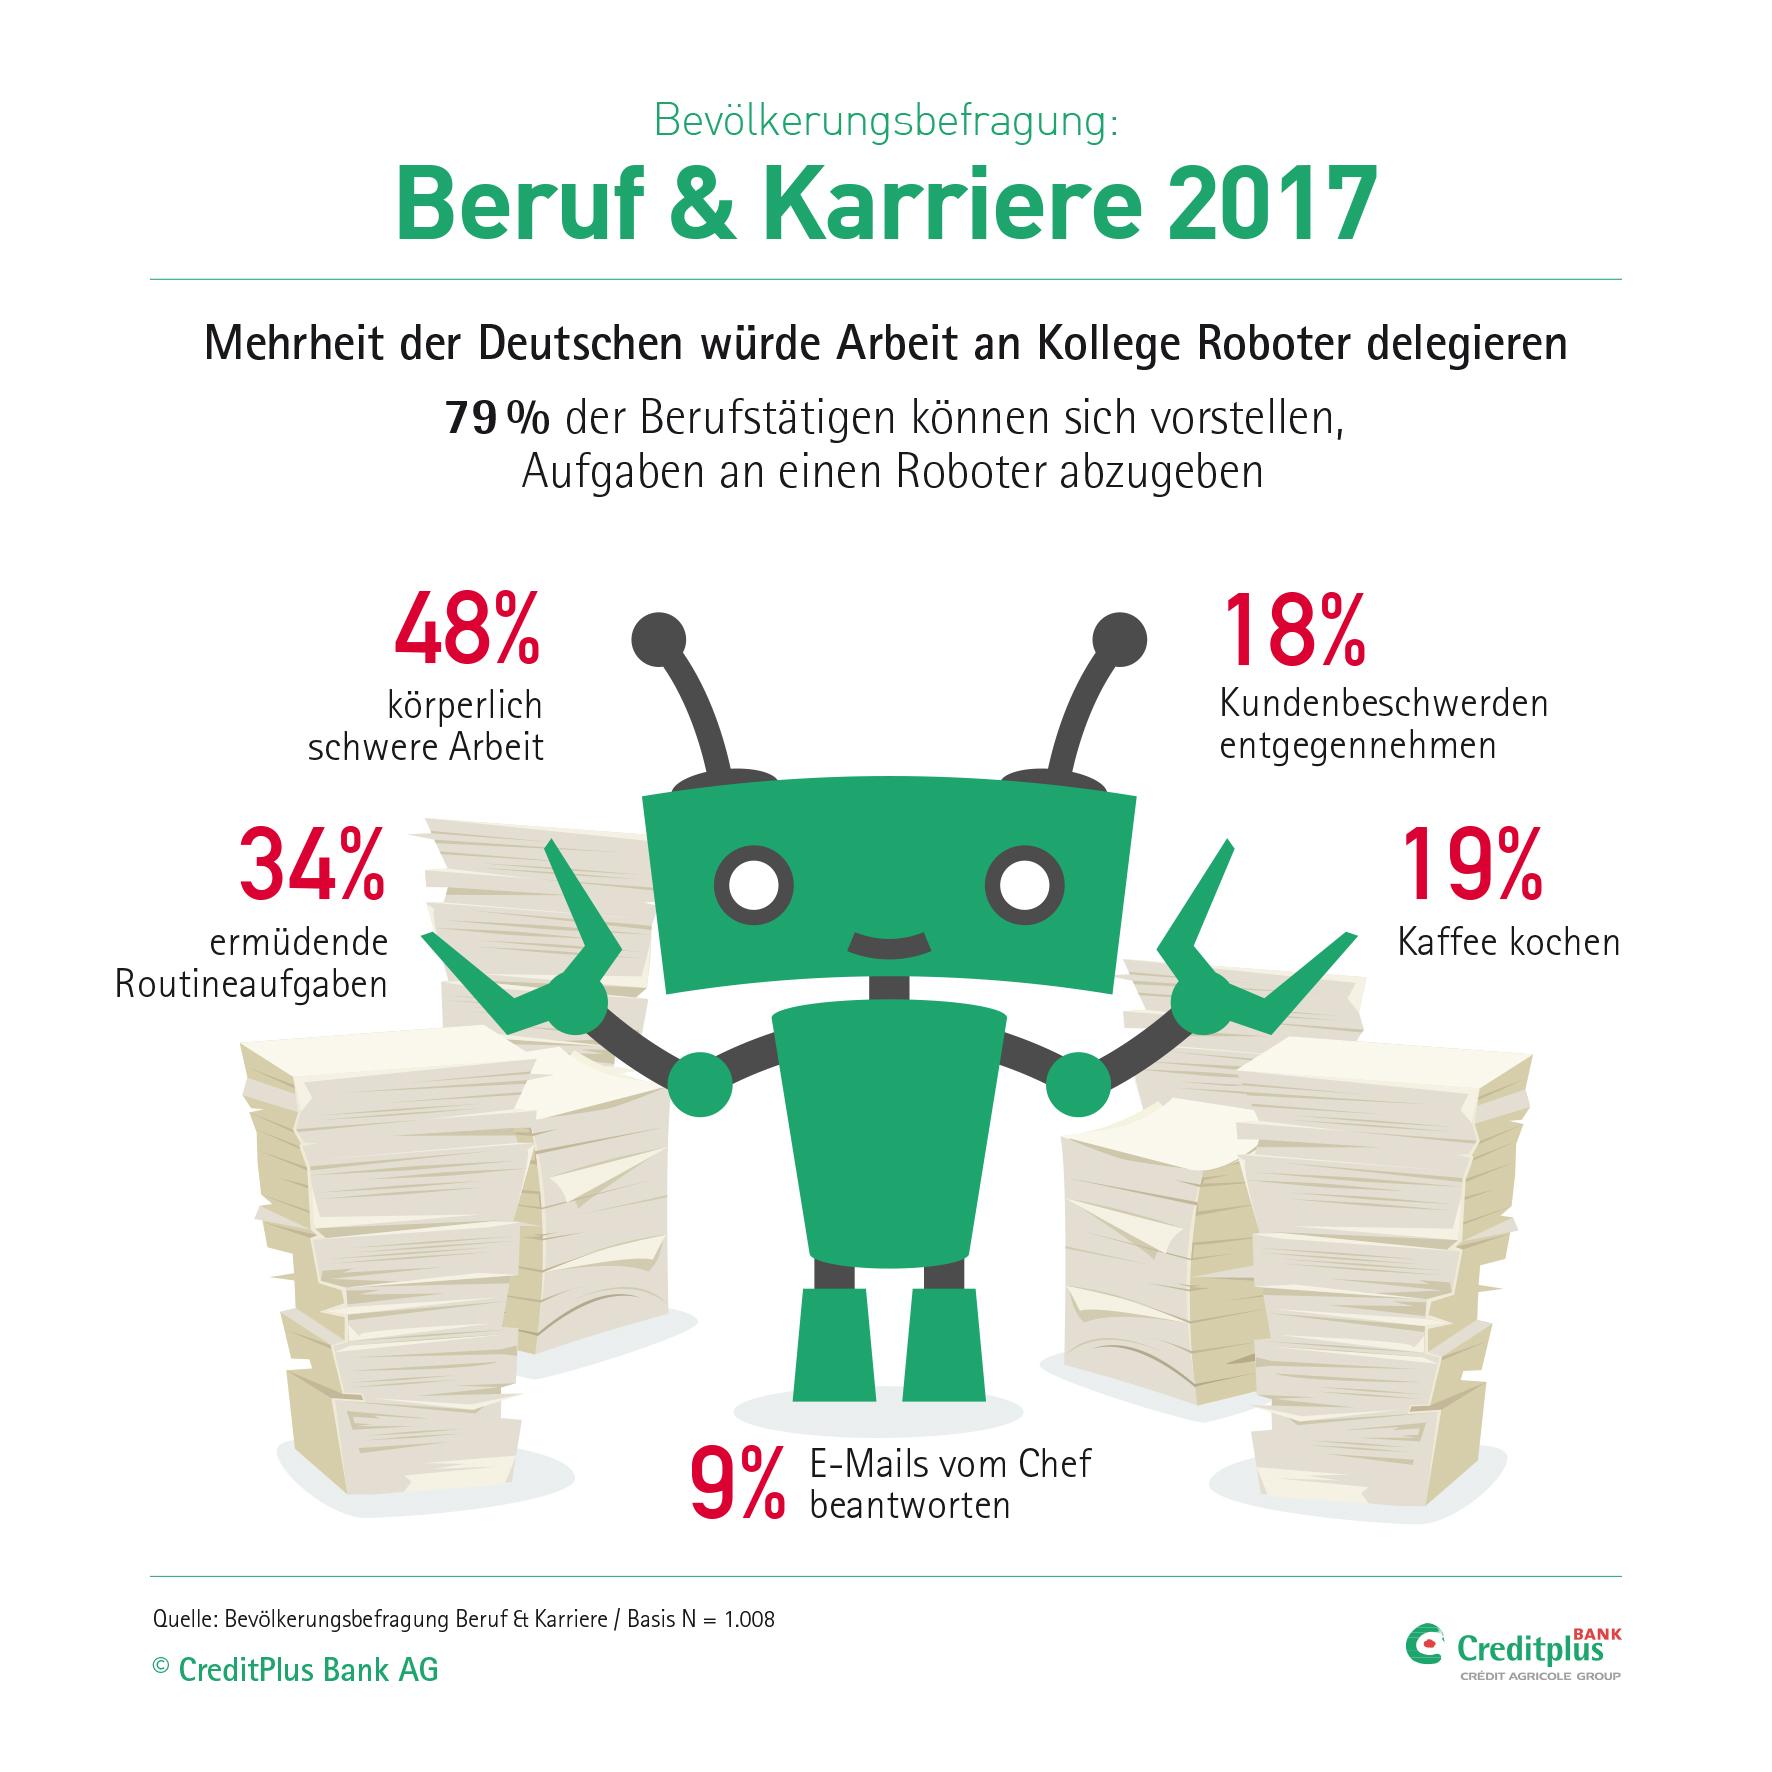 Acht von zehn Berufstätigen und Arbeitssuchenden in Deutschland befürworten Roboter